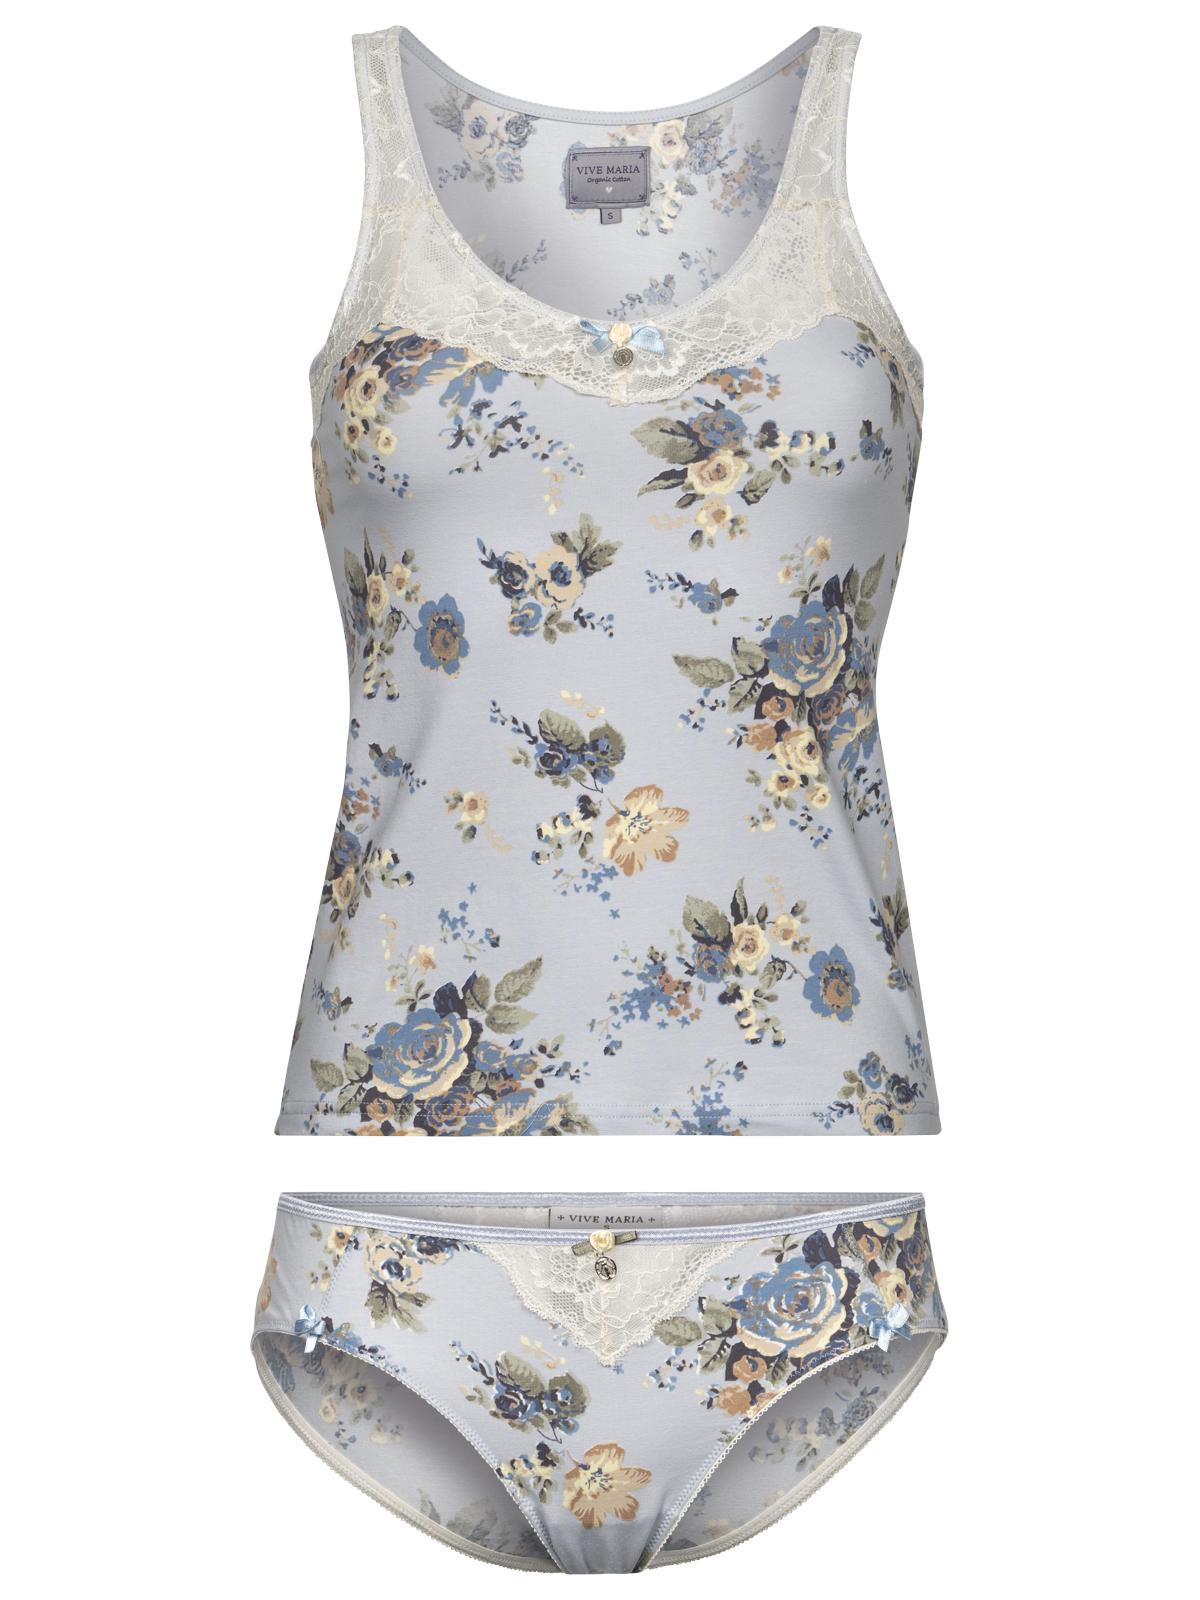 Waesche - Vive Maria Au Ciel De Roses Set blue allover – Größe XS  - Onlineshop NAPO Shop